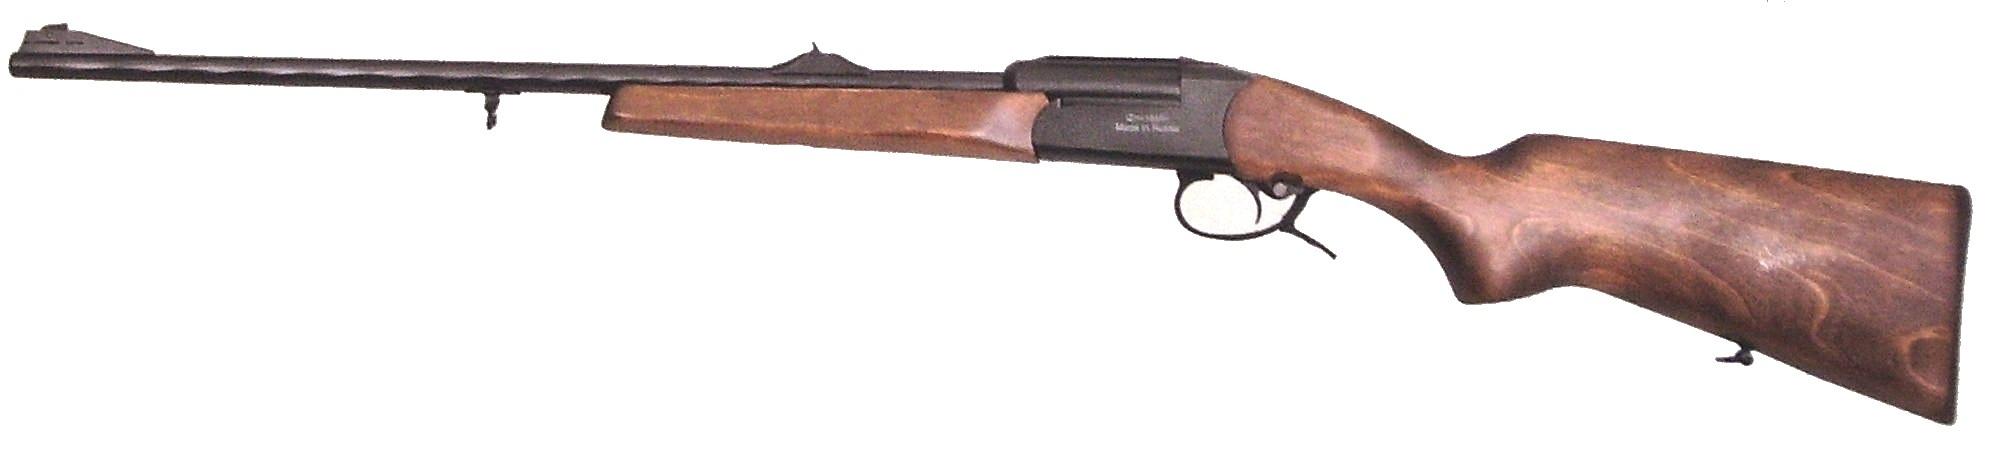 В мои желания.  В основе модели - конструкция ружья ИЖ-18МН, известного своей простотой и...